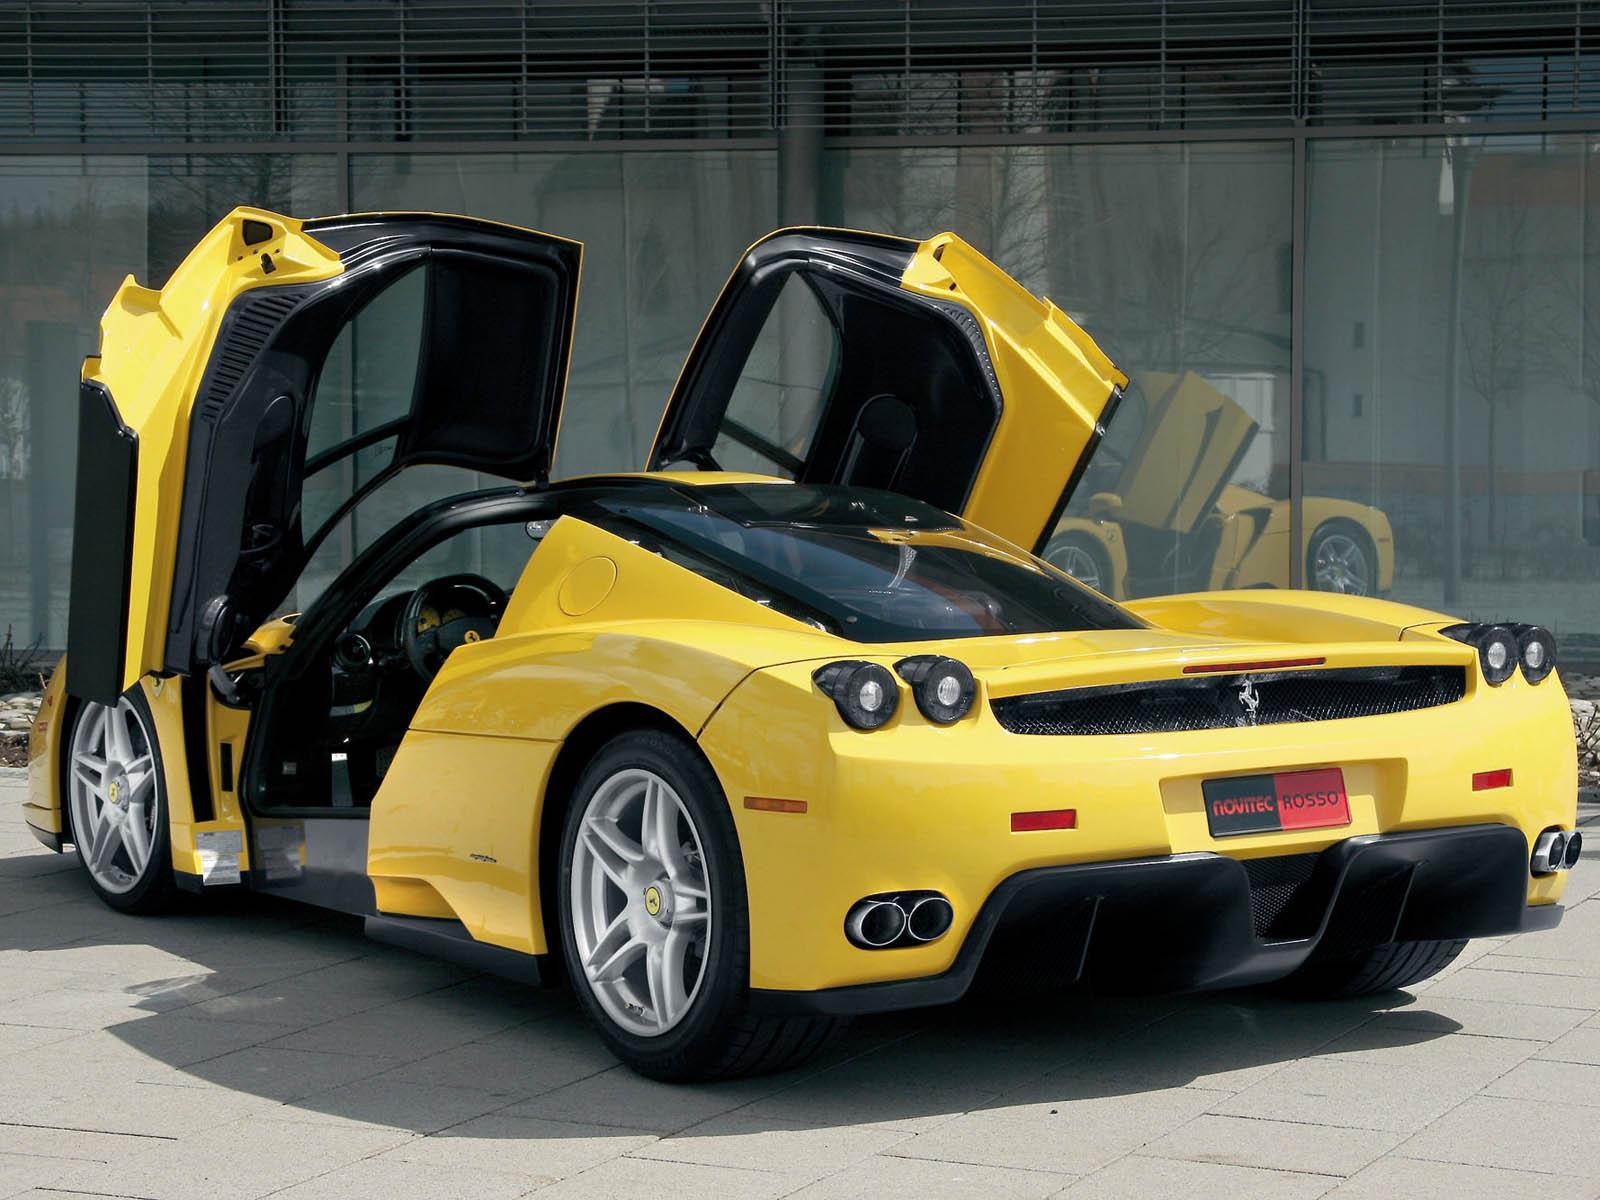 Ferrari Over a Stunning Concept Has a Special Car Wallpaper HD